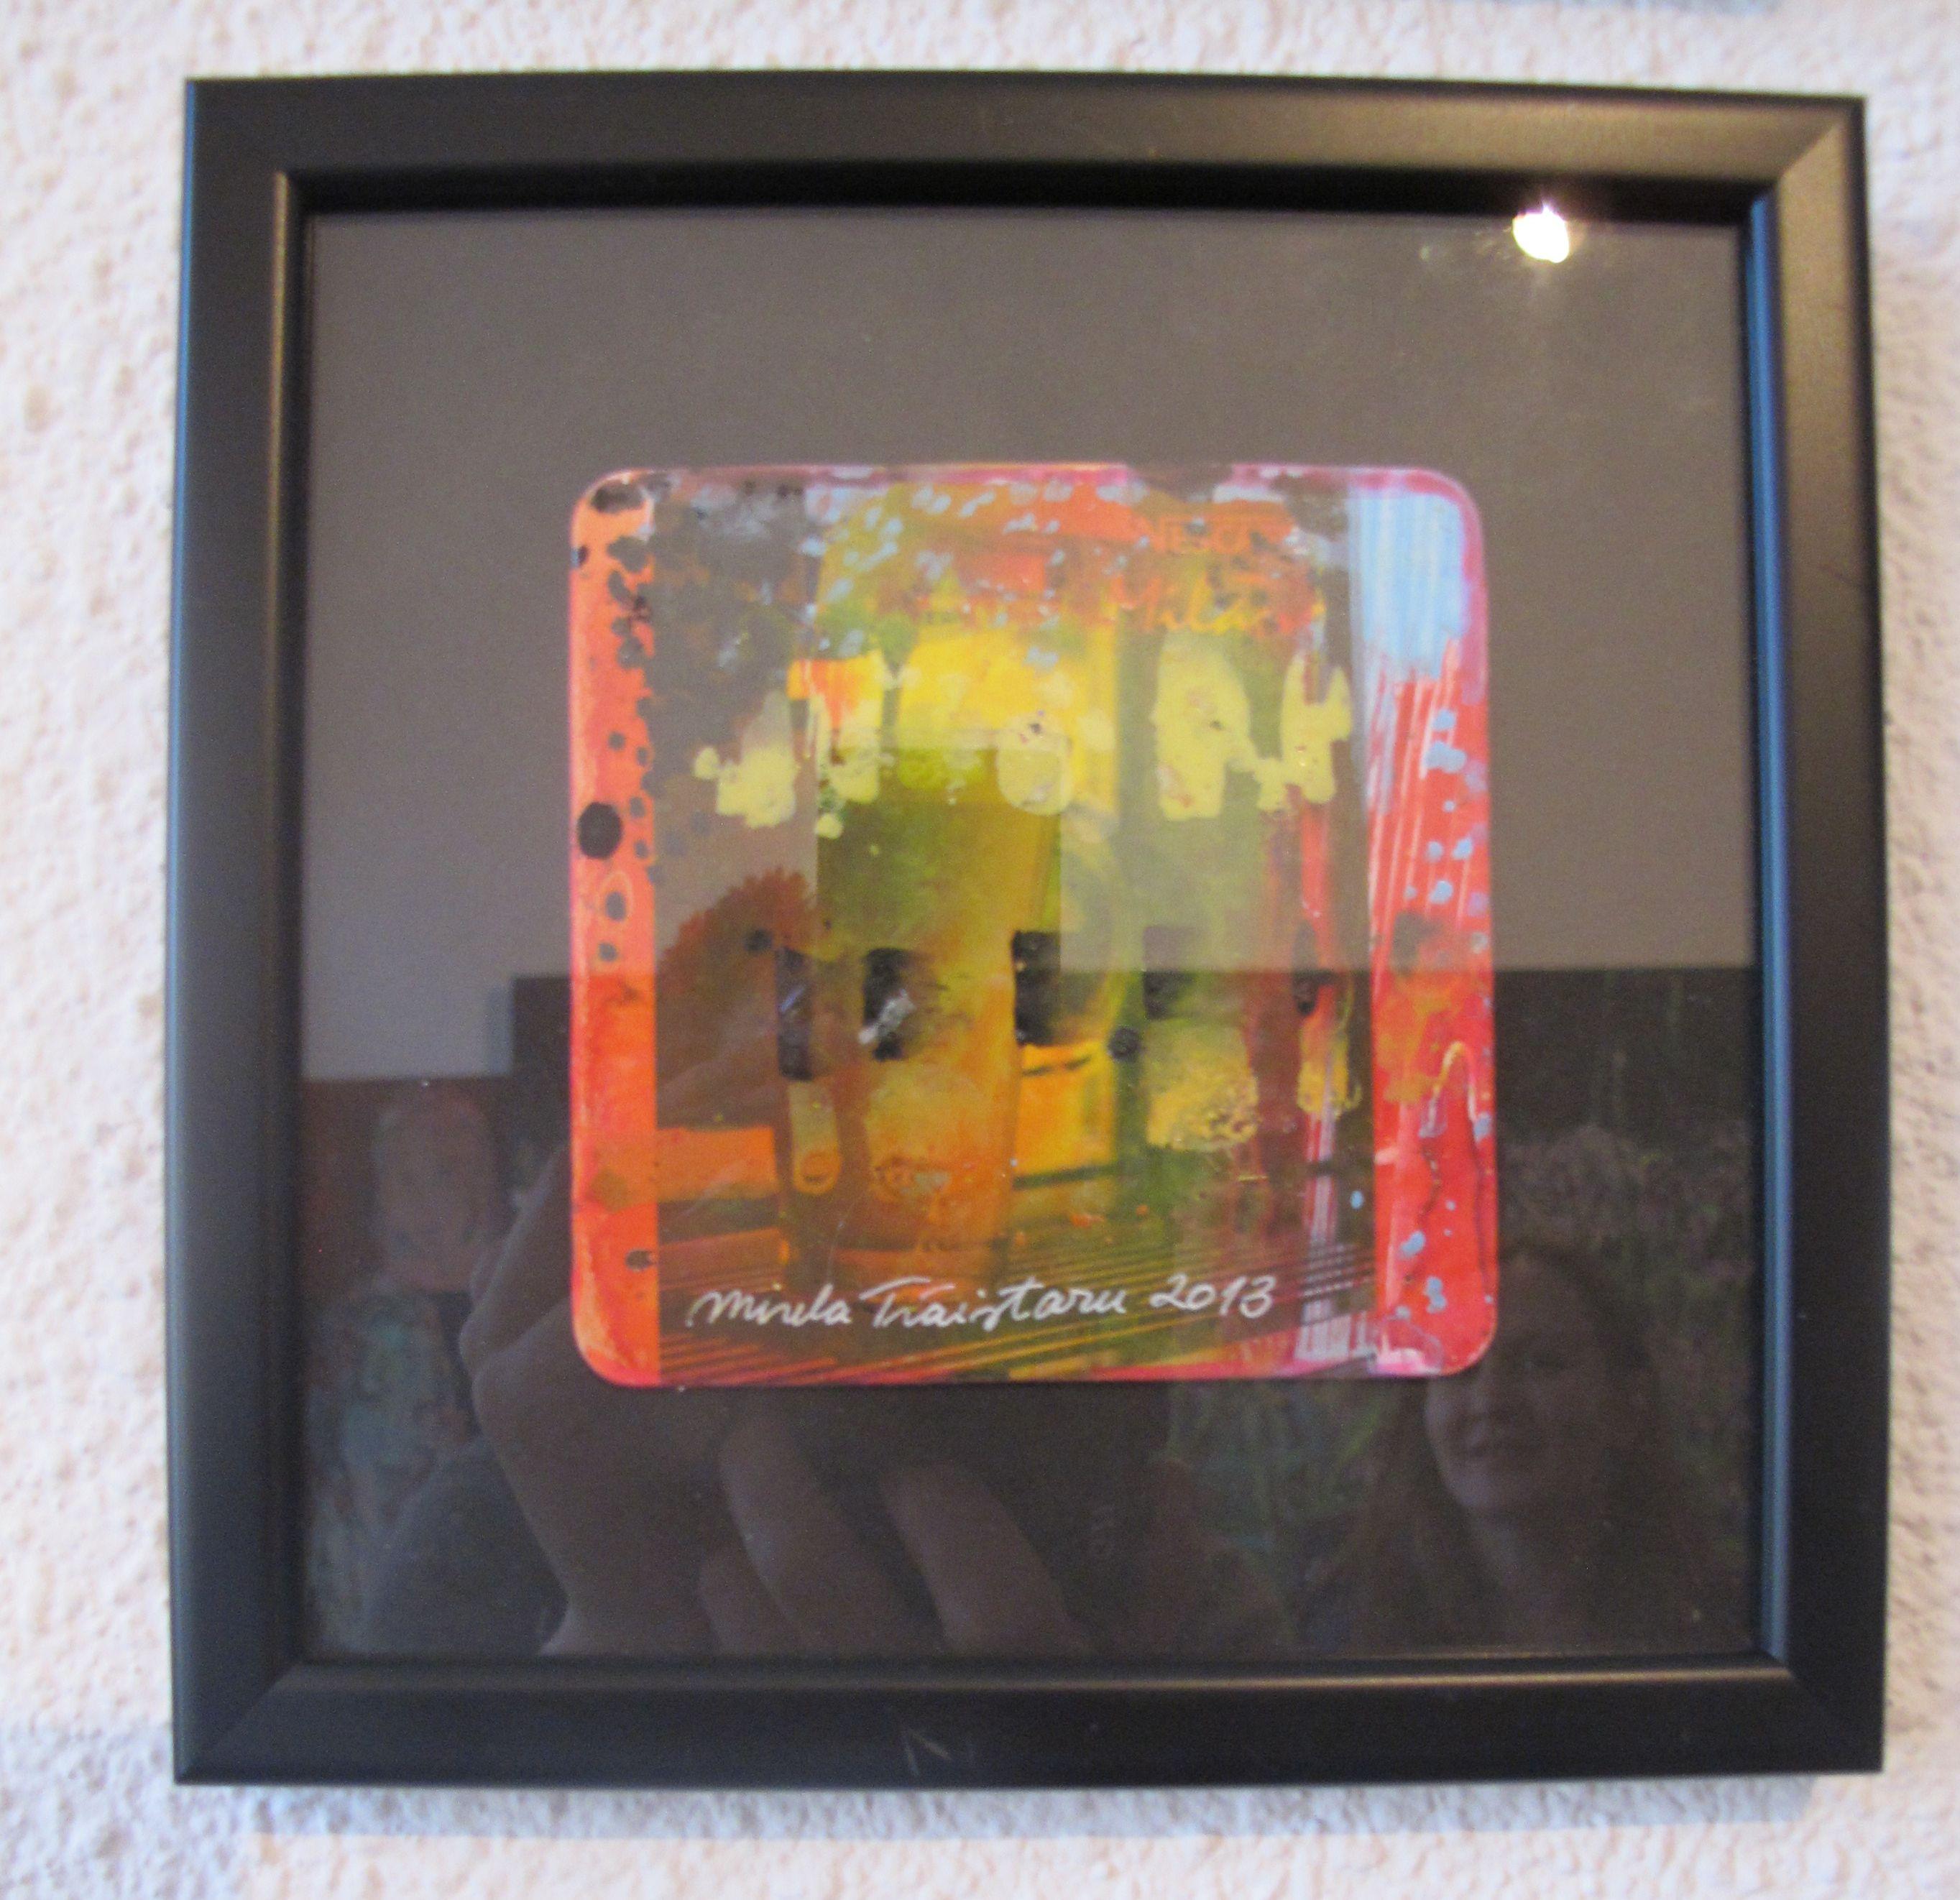 adelaparvu.com despre artistul Mirela Traistaru, atelier de artist (18)